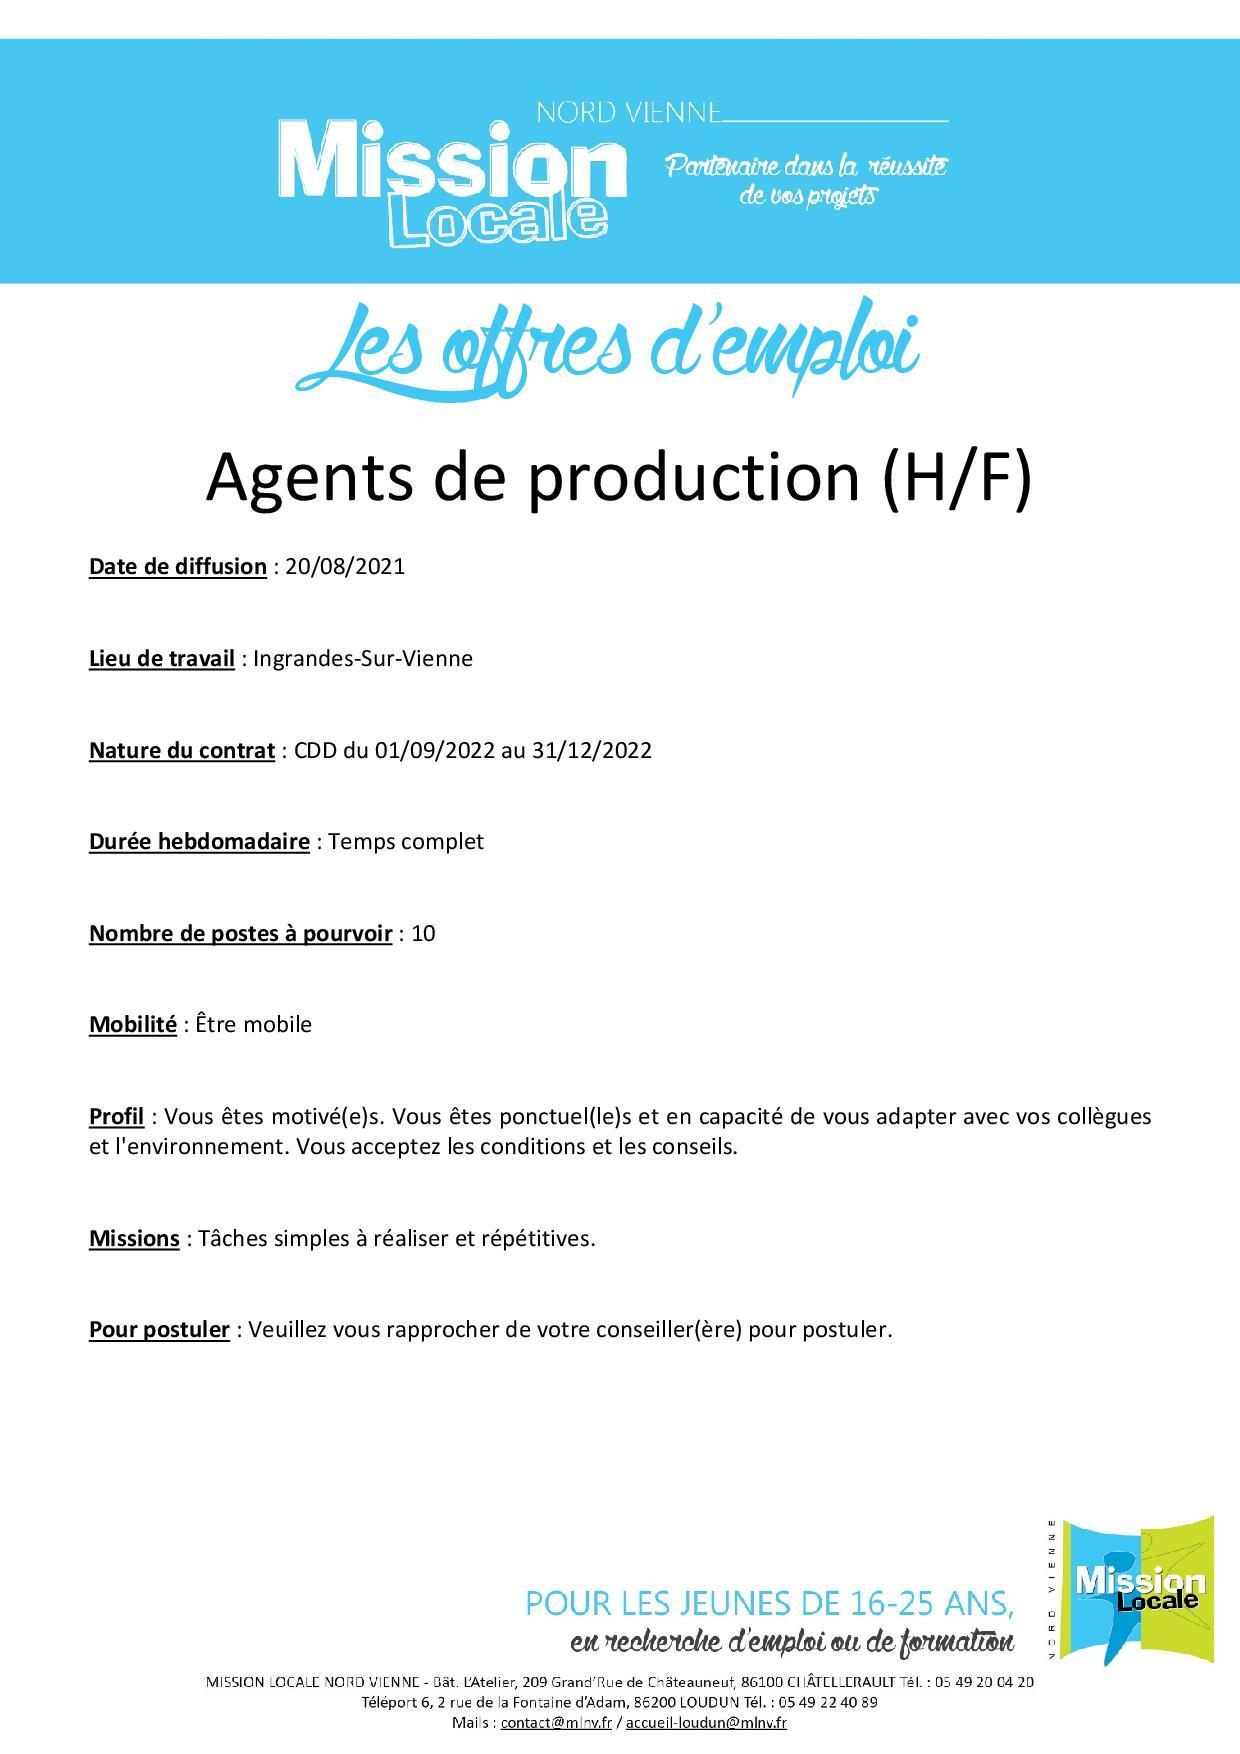 Agents de production (H/F)